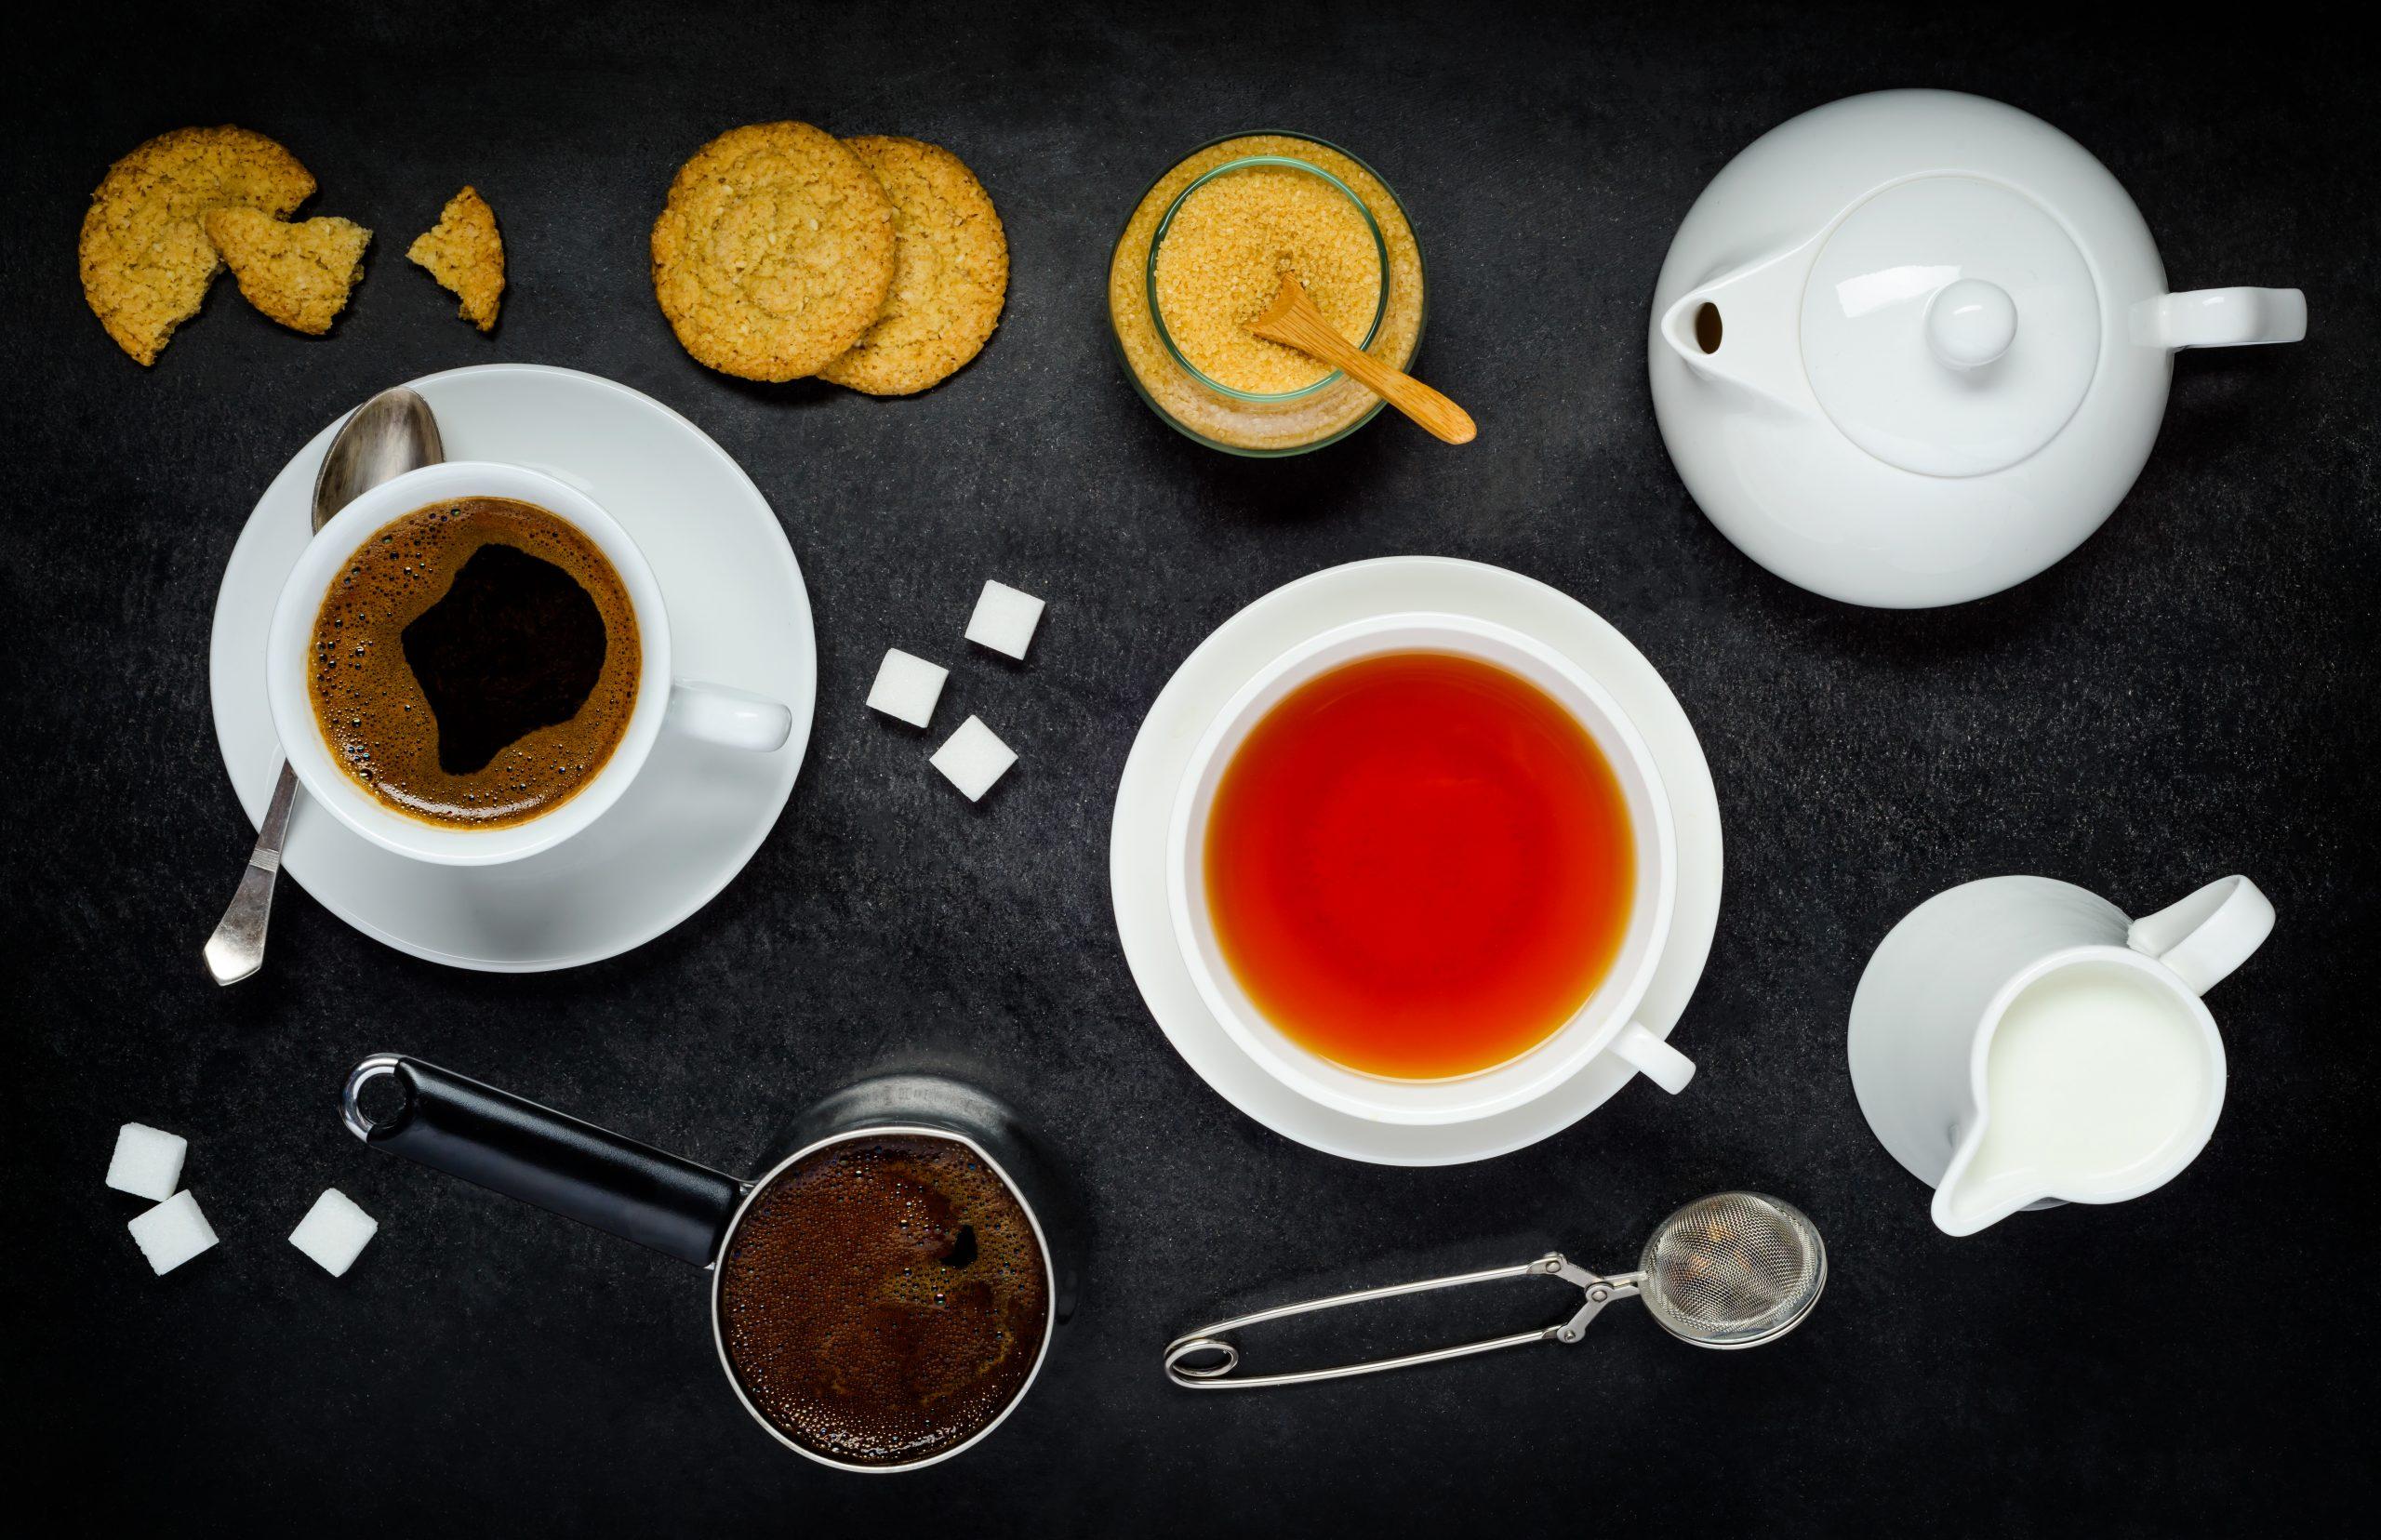 Çay ve KAhve Tüketmek İştahınızı Kapatmaya Yardımcı Olur